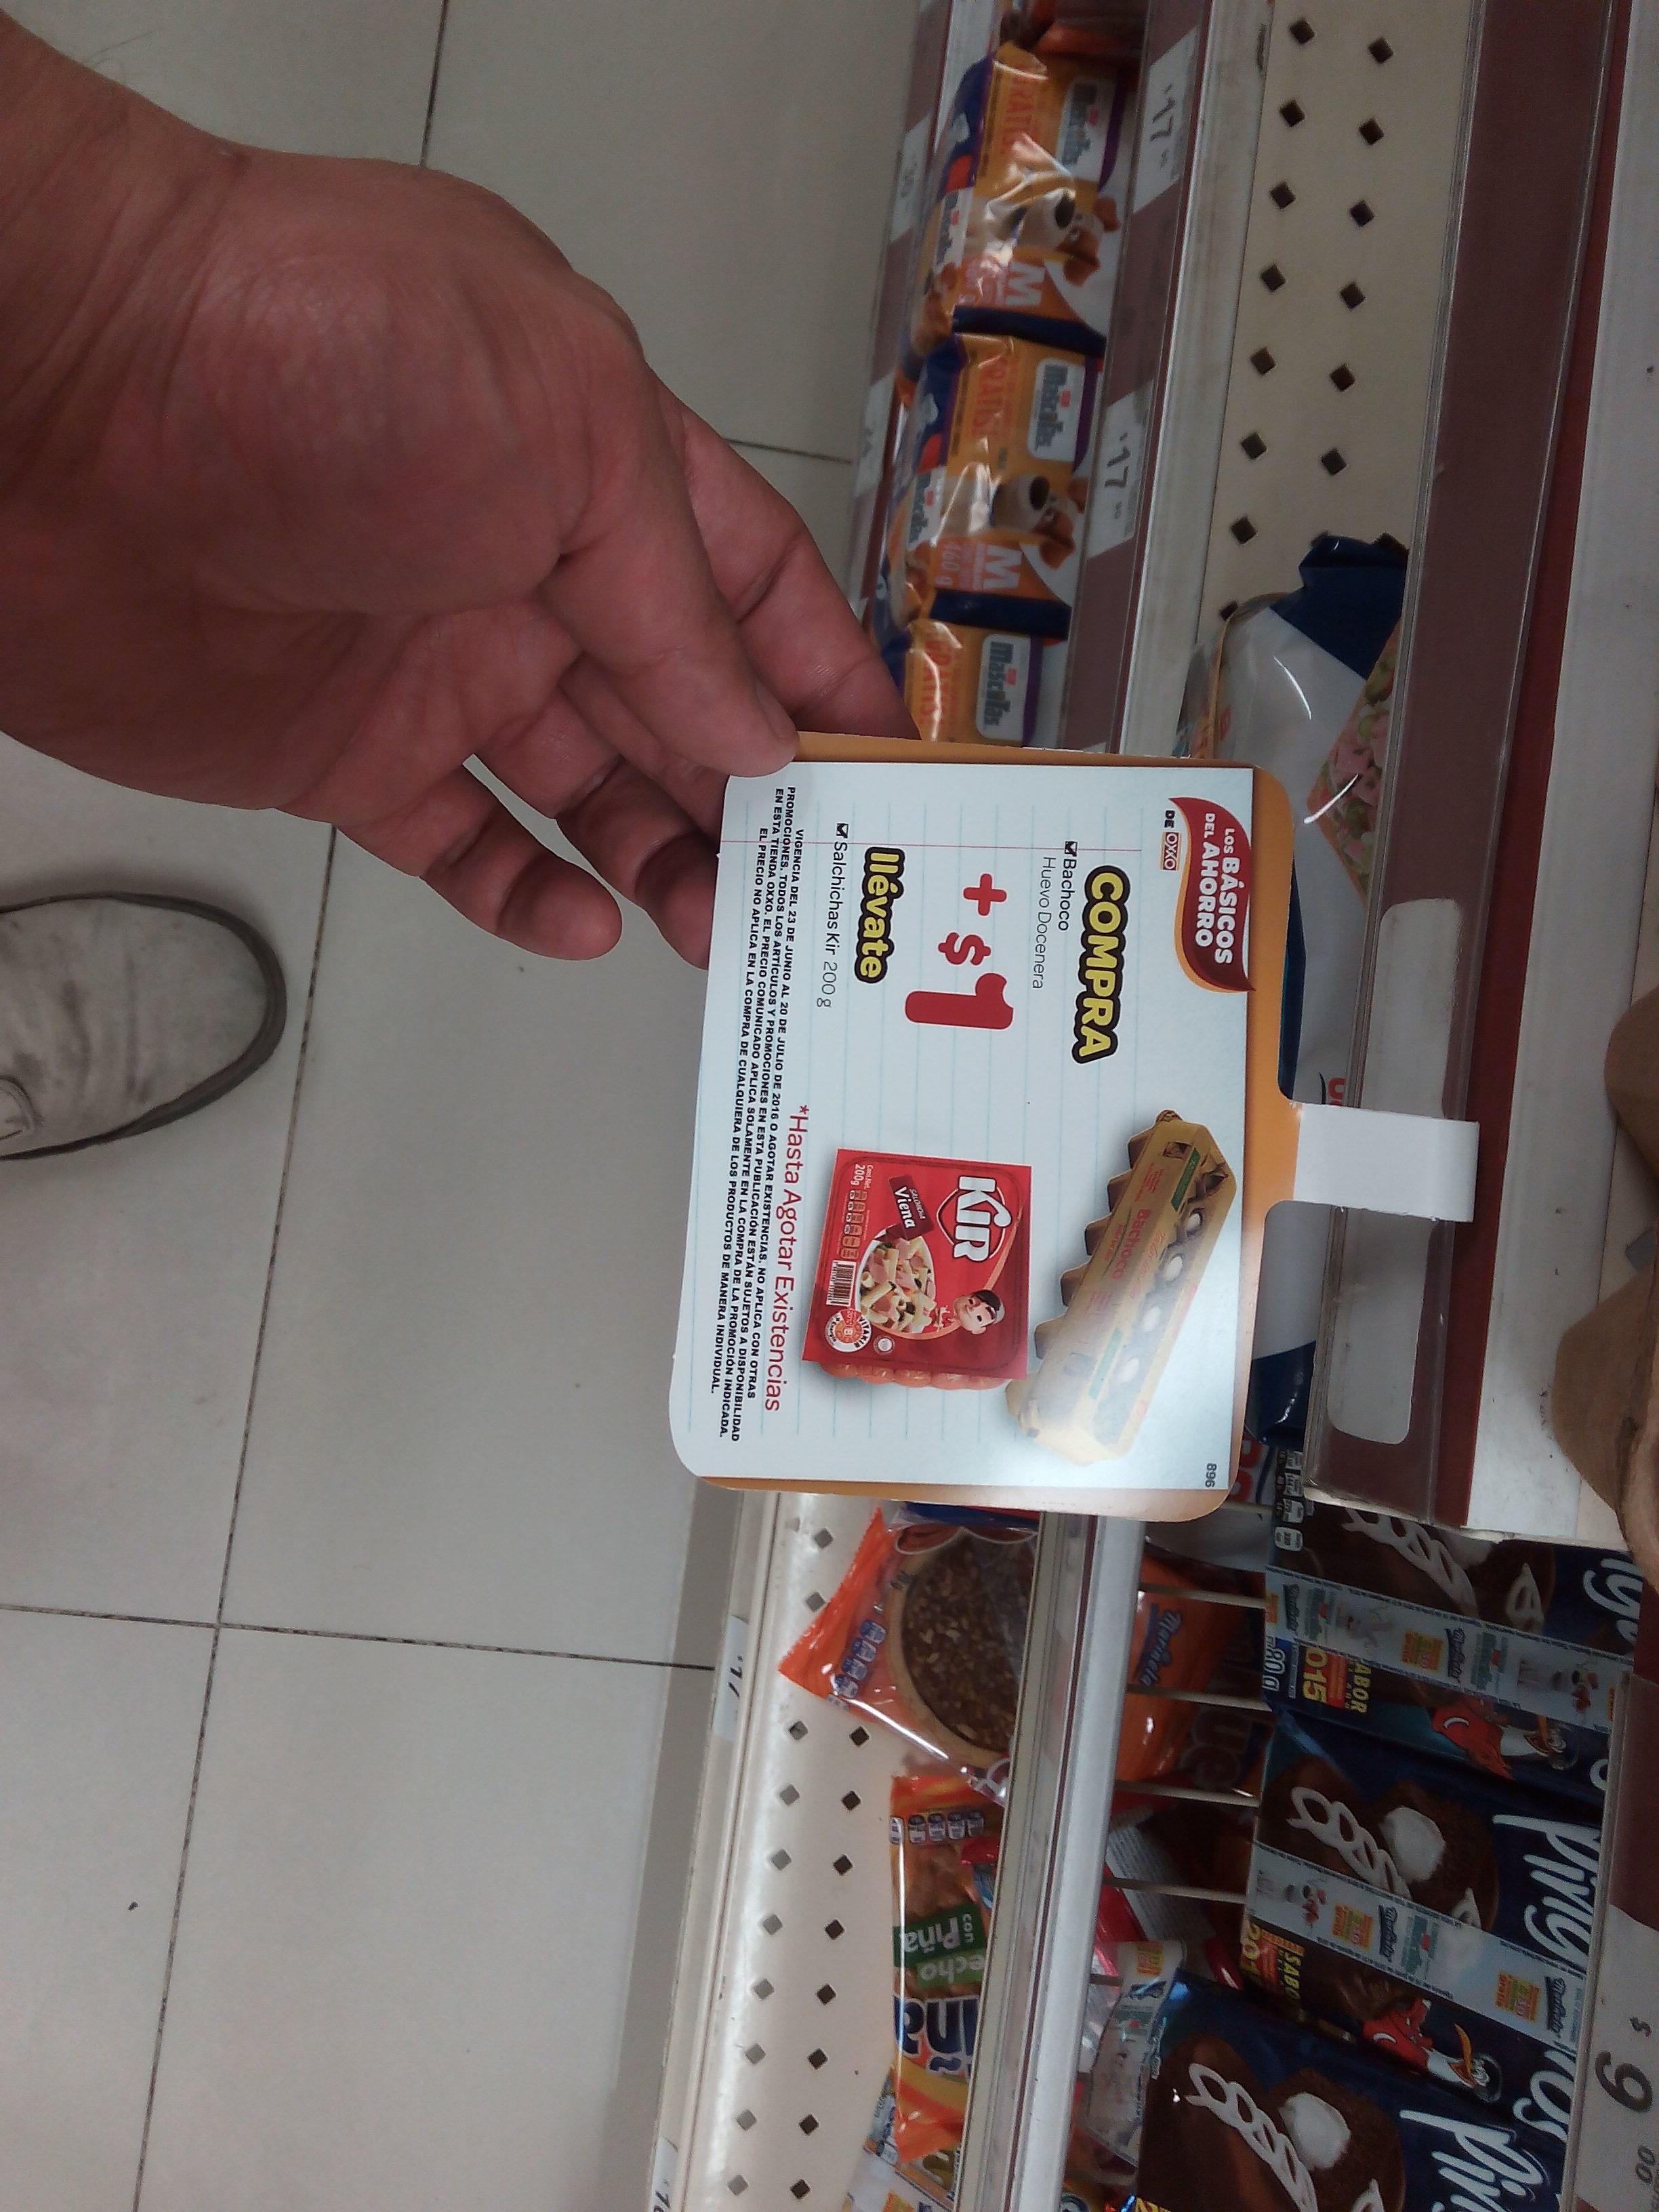 Oxxo Puebla Una docena de huevos con salchicas kir por $22, 3 paquetes de pure de tomate por $10.90, 2 Crunch por $16